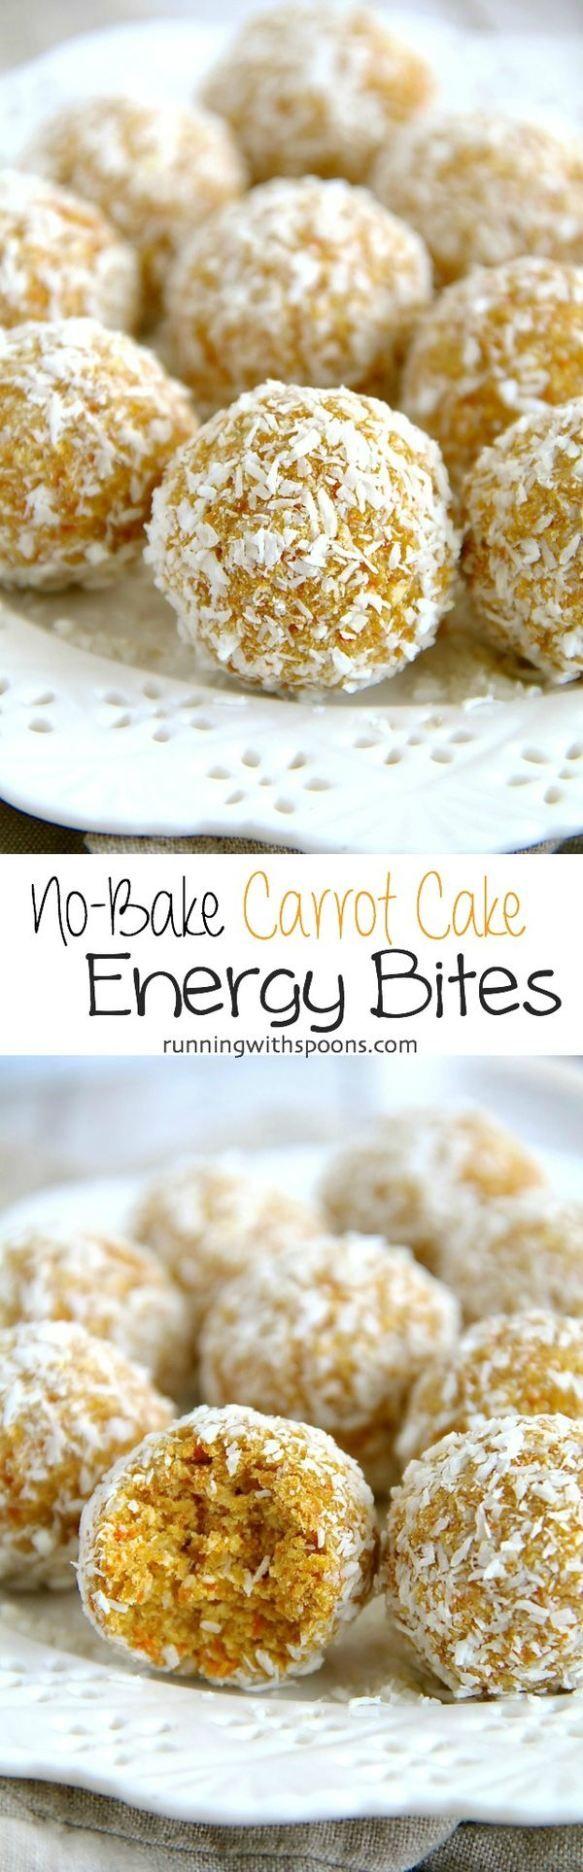 No-Bake Carrot Cake Energy Bites || runningwithspoons.com #glutenfree #vegan